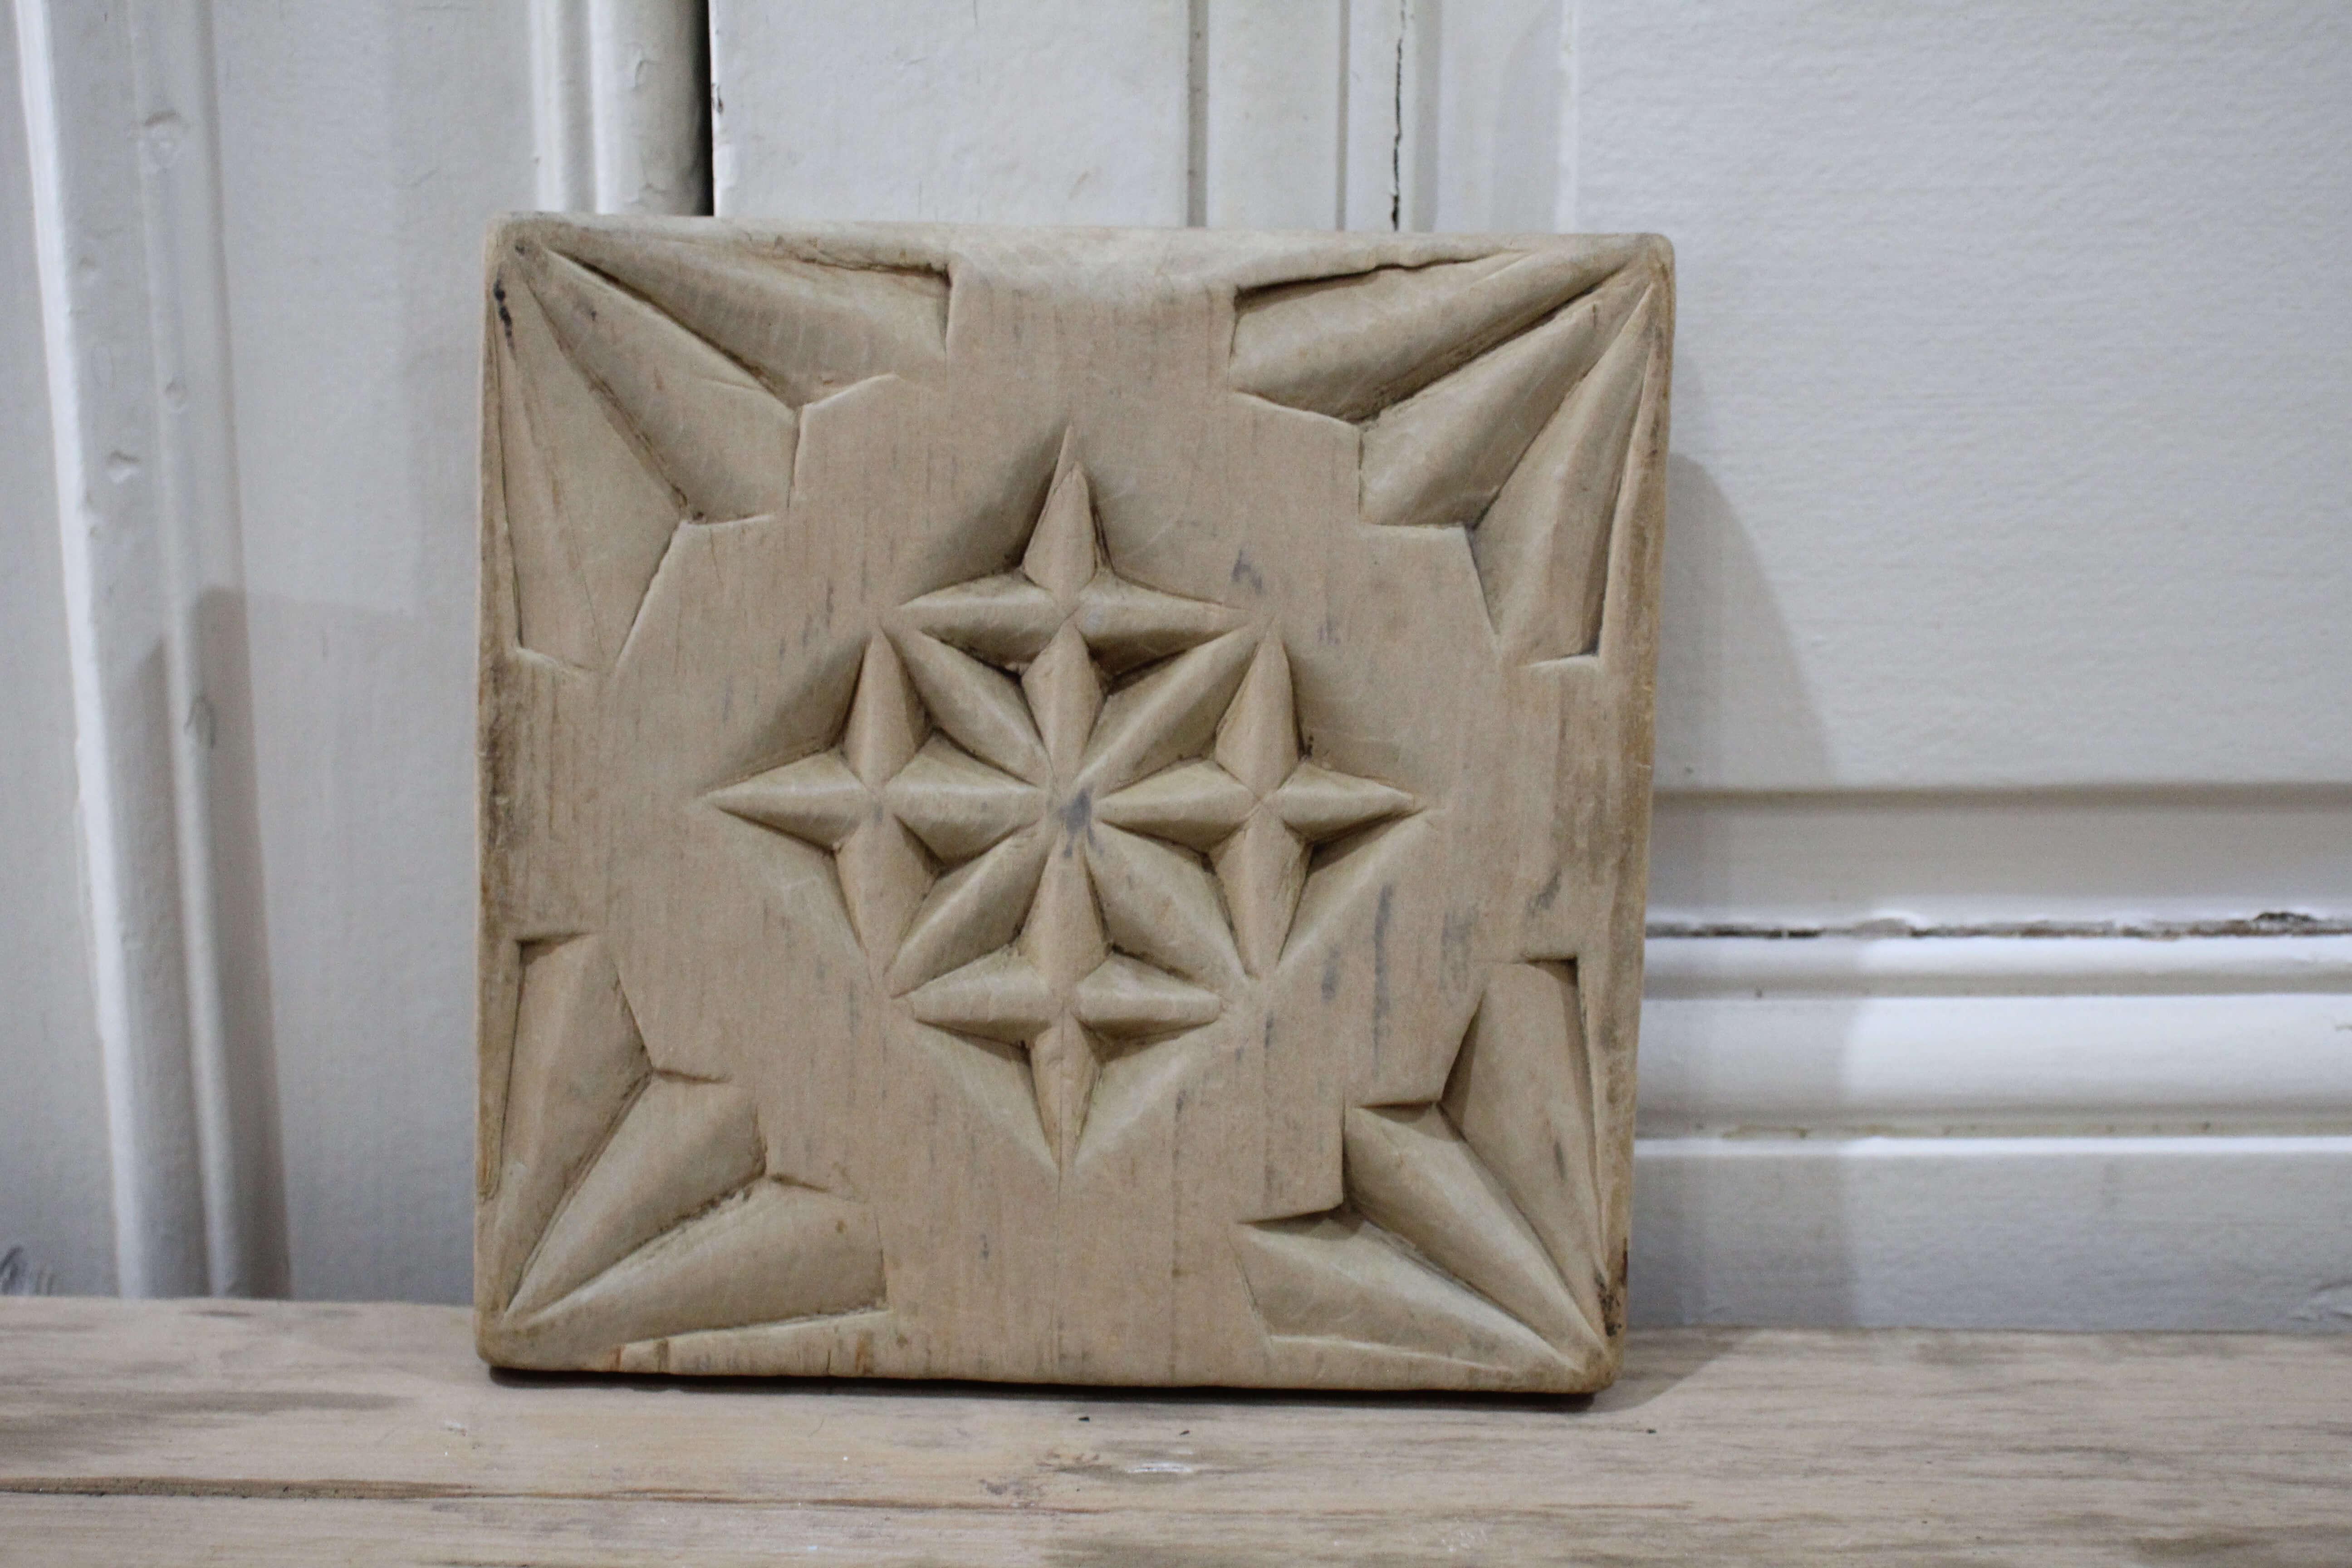 Carved trivet